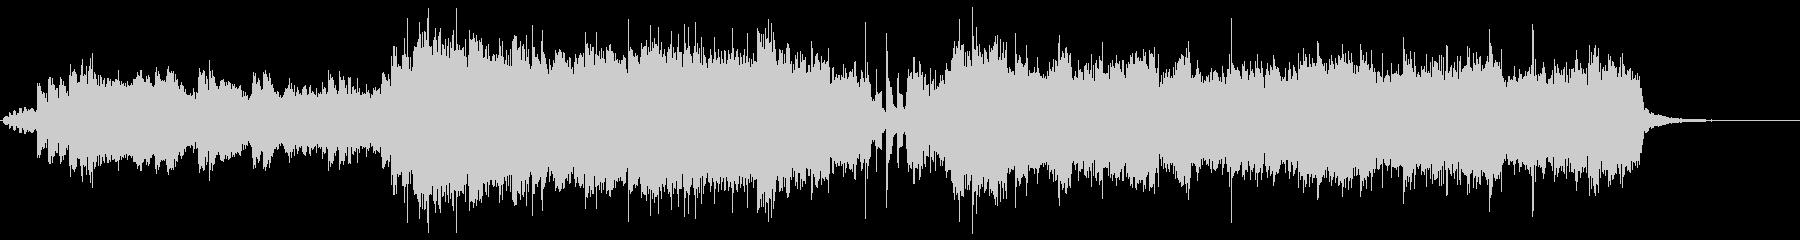 アニソンイントロポップの未再生の波形